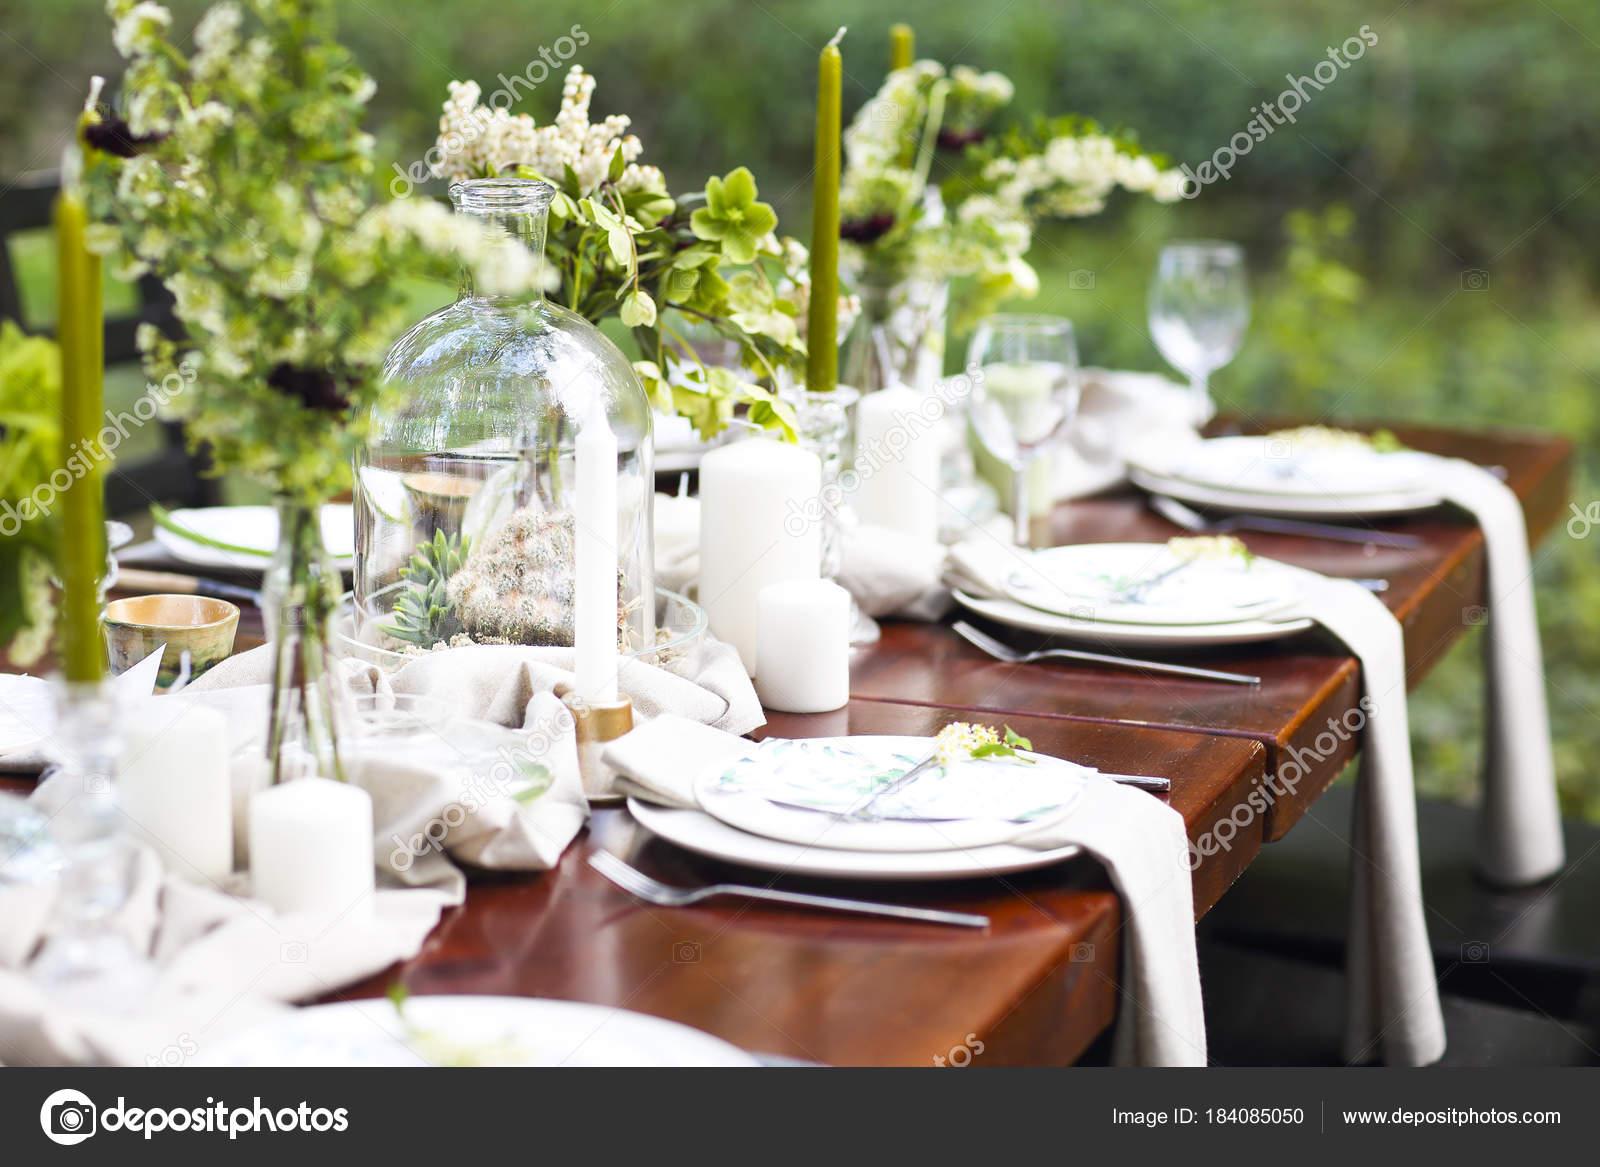 Vyzdoba Svatebni Tabule S Kristalove Vazy Kvetiny A Otruby Stock